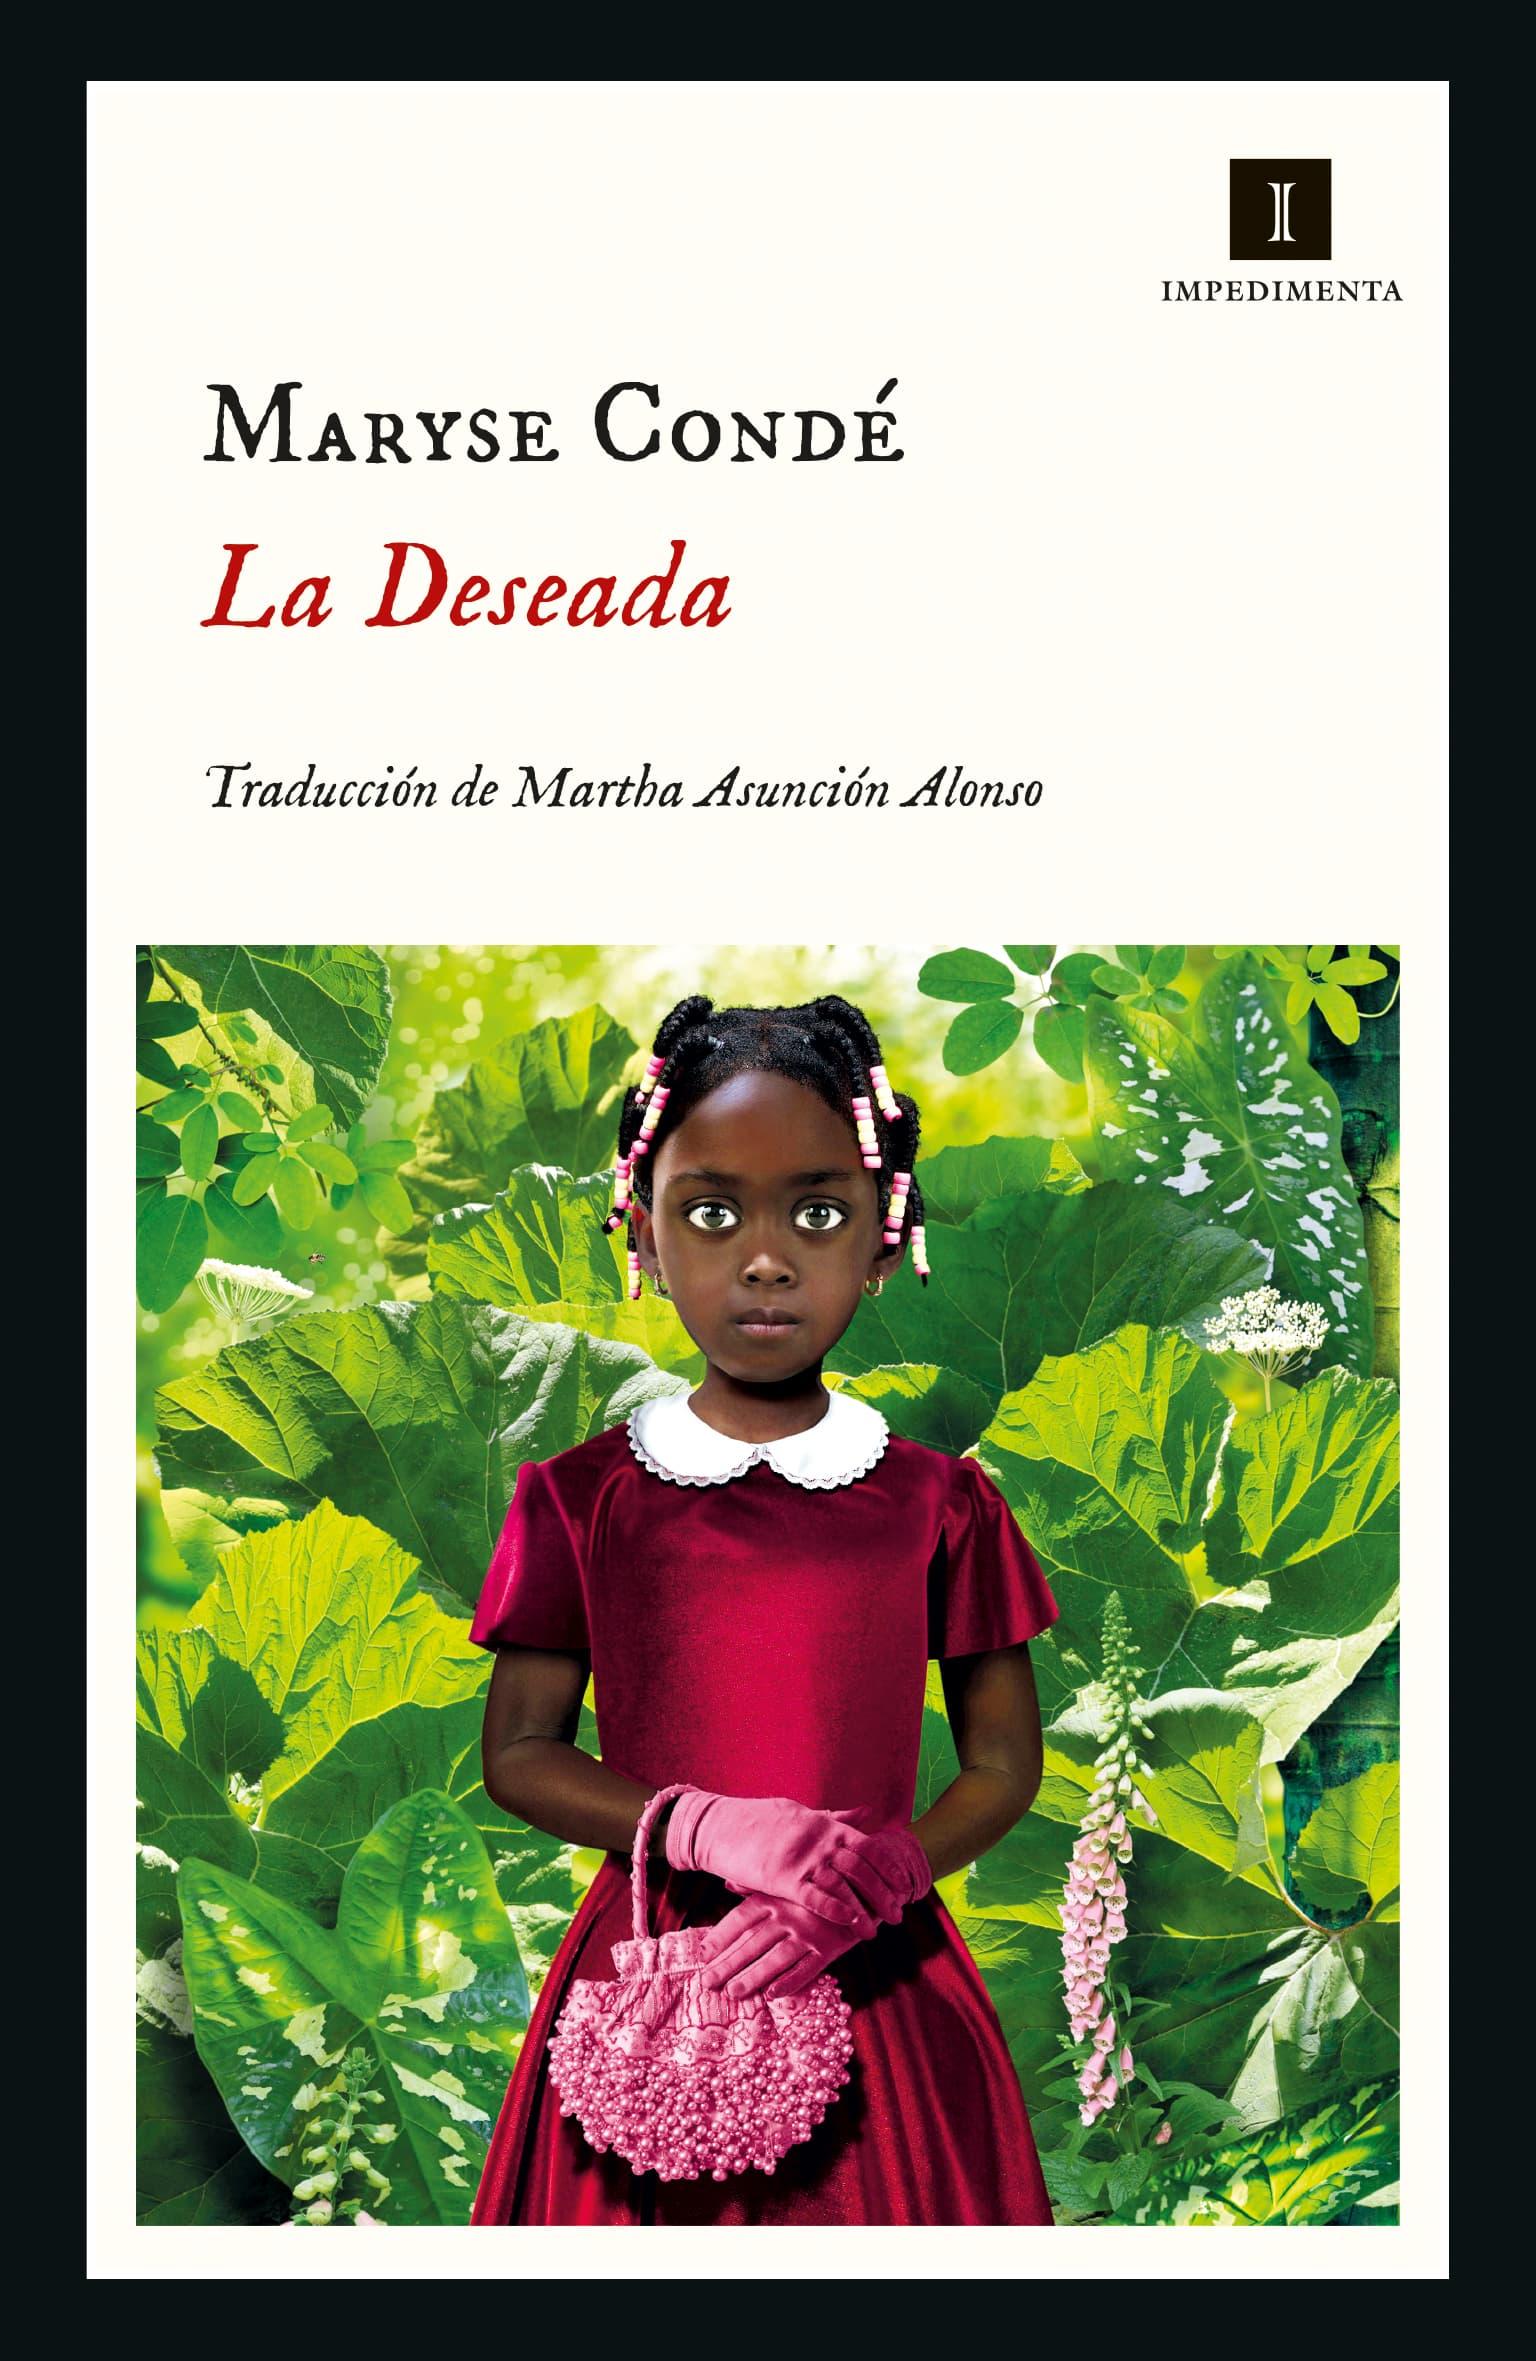 Cubierta de La Deseada, la última novela de Maryse Condé publicada en España